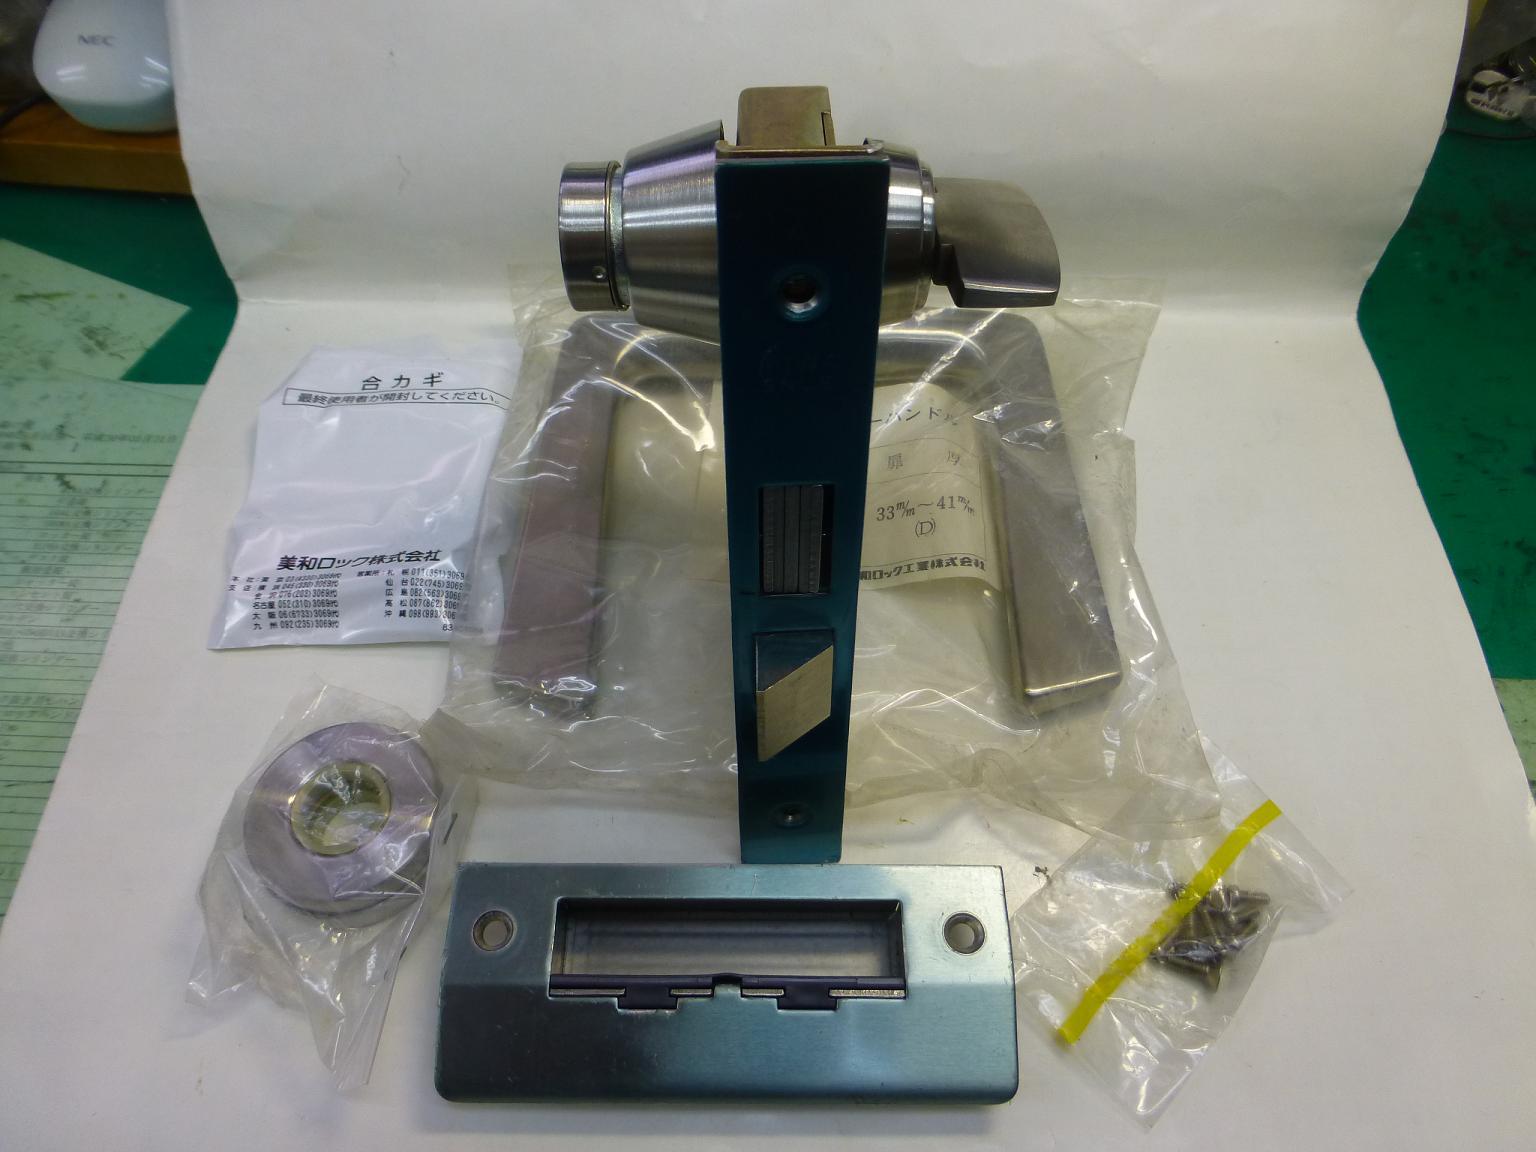 MIWA 地震錠 U9SNLE-3 S64mm 気質アップ B 数量限定アウトレット最安価格 33~41mm